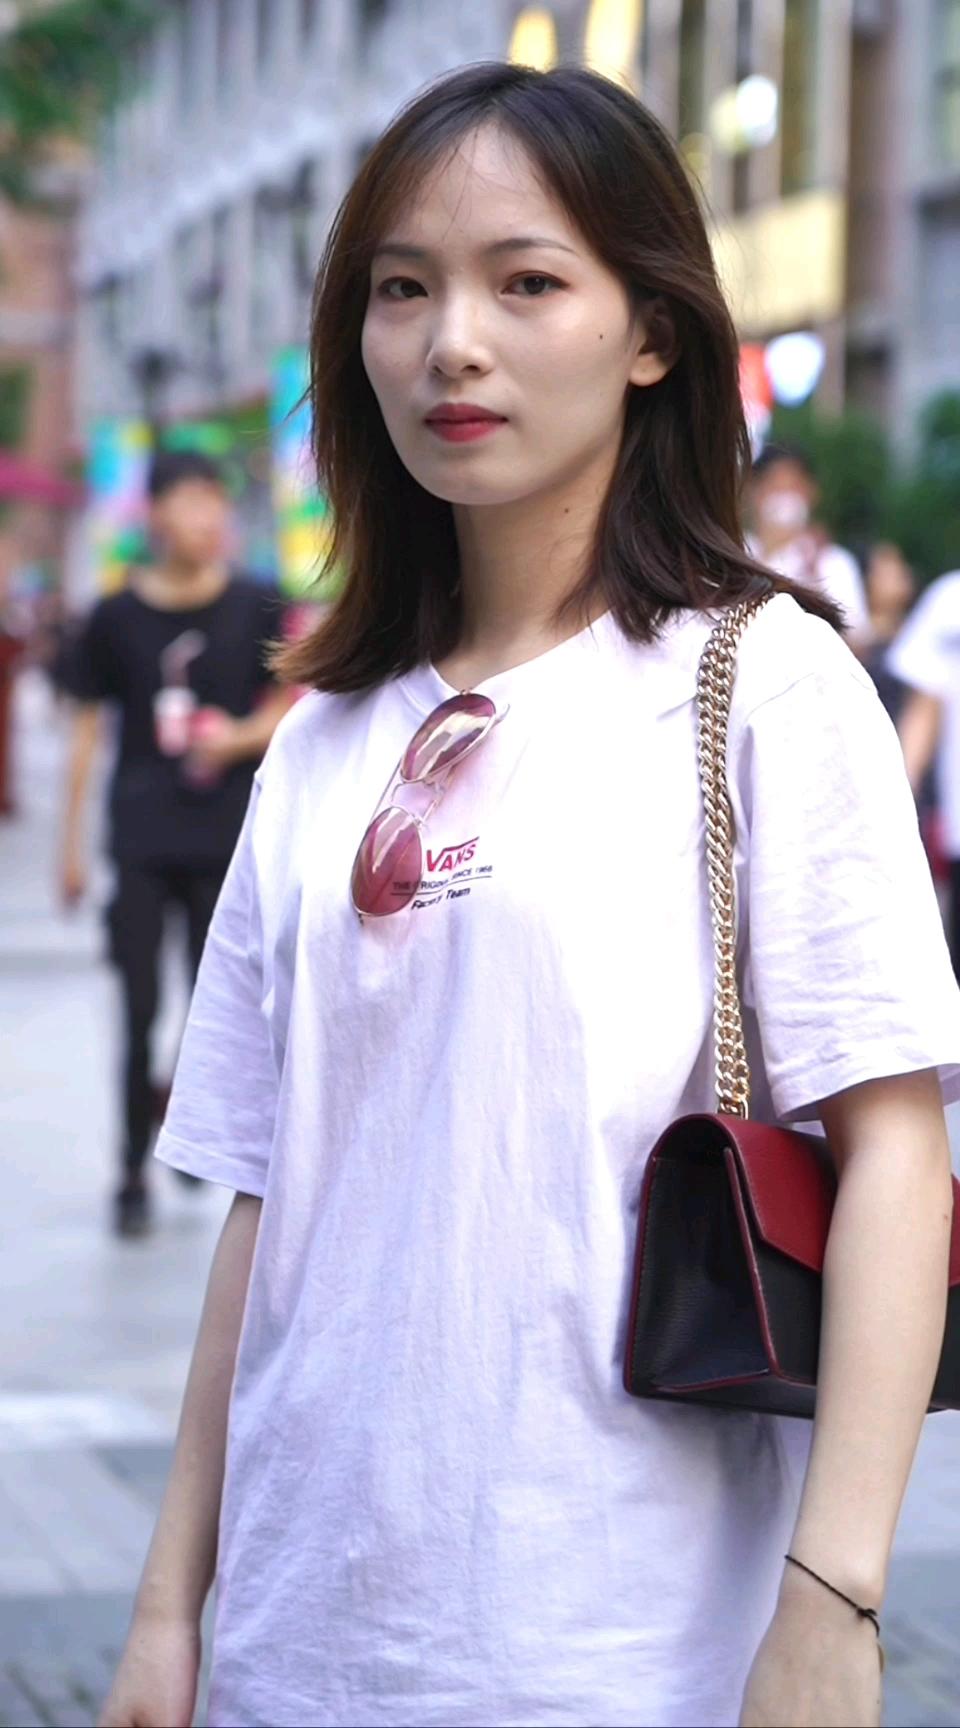 武汉鞋控小姐姐一身穿搭多少钱?无意中又被塞了一嘴狗粮~##夏日霸屏T恤就买这几件!# 你今天的一身穿搭最贵的是什么?